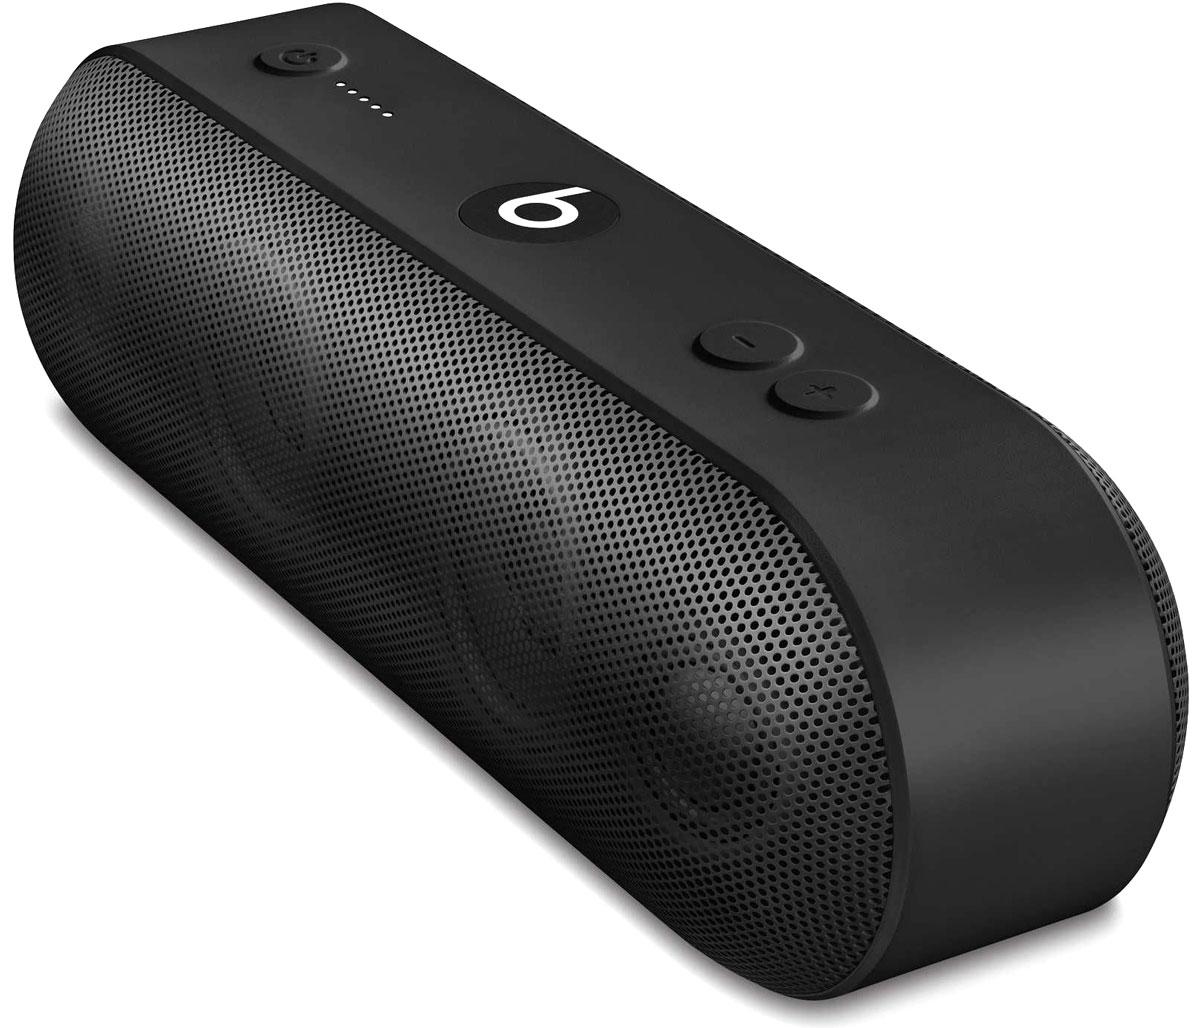 Beats Pill+, Black портативная акустическая системаML4M2ZE/AАкустическая система Beats Pill+ полностью портативна и наполняет комнату богатым и чистым звучанием - удивительно мощным и чётким. Стильный интерфейс Beats Pill+ интуитивно понятен и открывает совершенно новые возможности для совместного прослушивания музыки. Стереосистема с активным двухканальным кроссовером создаёт великолепное звуковое поле с широким динамическим диапазоном и чётким звучанием во всех музыкальных жанрах. В раздельных динамиках высоких и низких частот используется такая же акустическая схема, как в профессиональных студиях звукозаписи по всему миру. Благодаря продуманному дизайну Beats Pill+ звучит так же хорошо, как и выглядит. В его простом и интуитивно понятном интерфейсе нет ничего лишнего, и включить любимую музыку очень легко. Объедините Beats Pill+ в пару с iPhone, MacBook или любым другим устройством Bluetooth, чтобы слушать музыку, смотреть видео и играть в игры с великолепным качеством звука. Или объедините их в пару с...